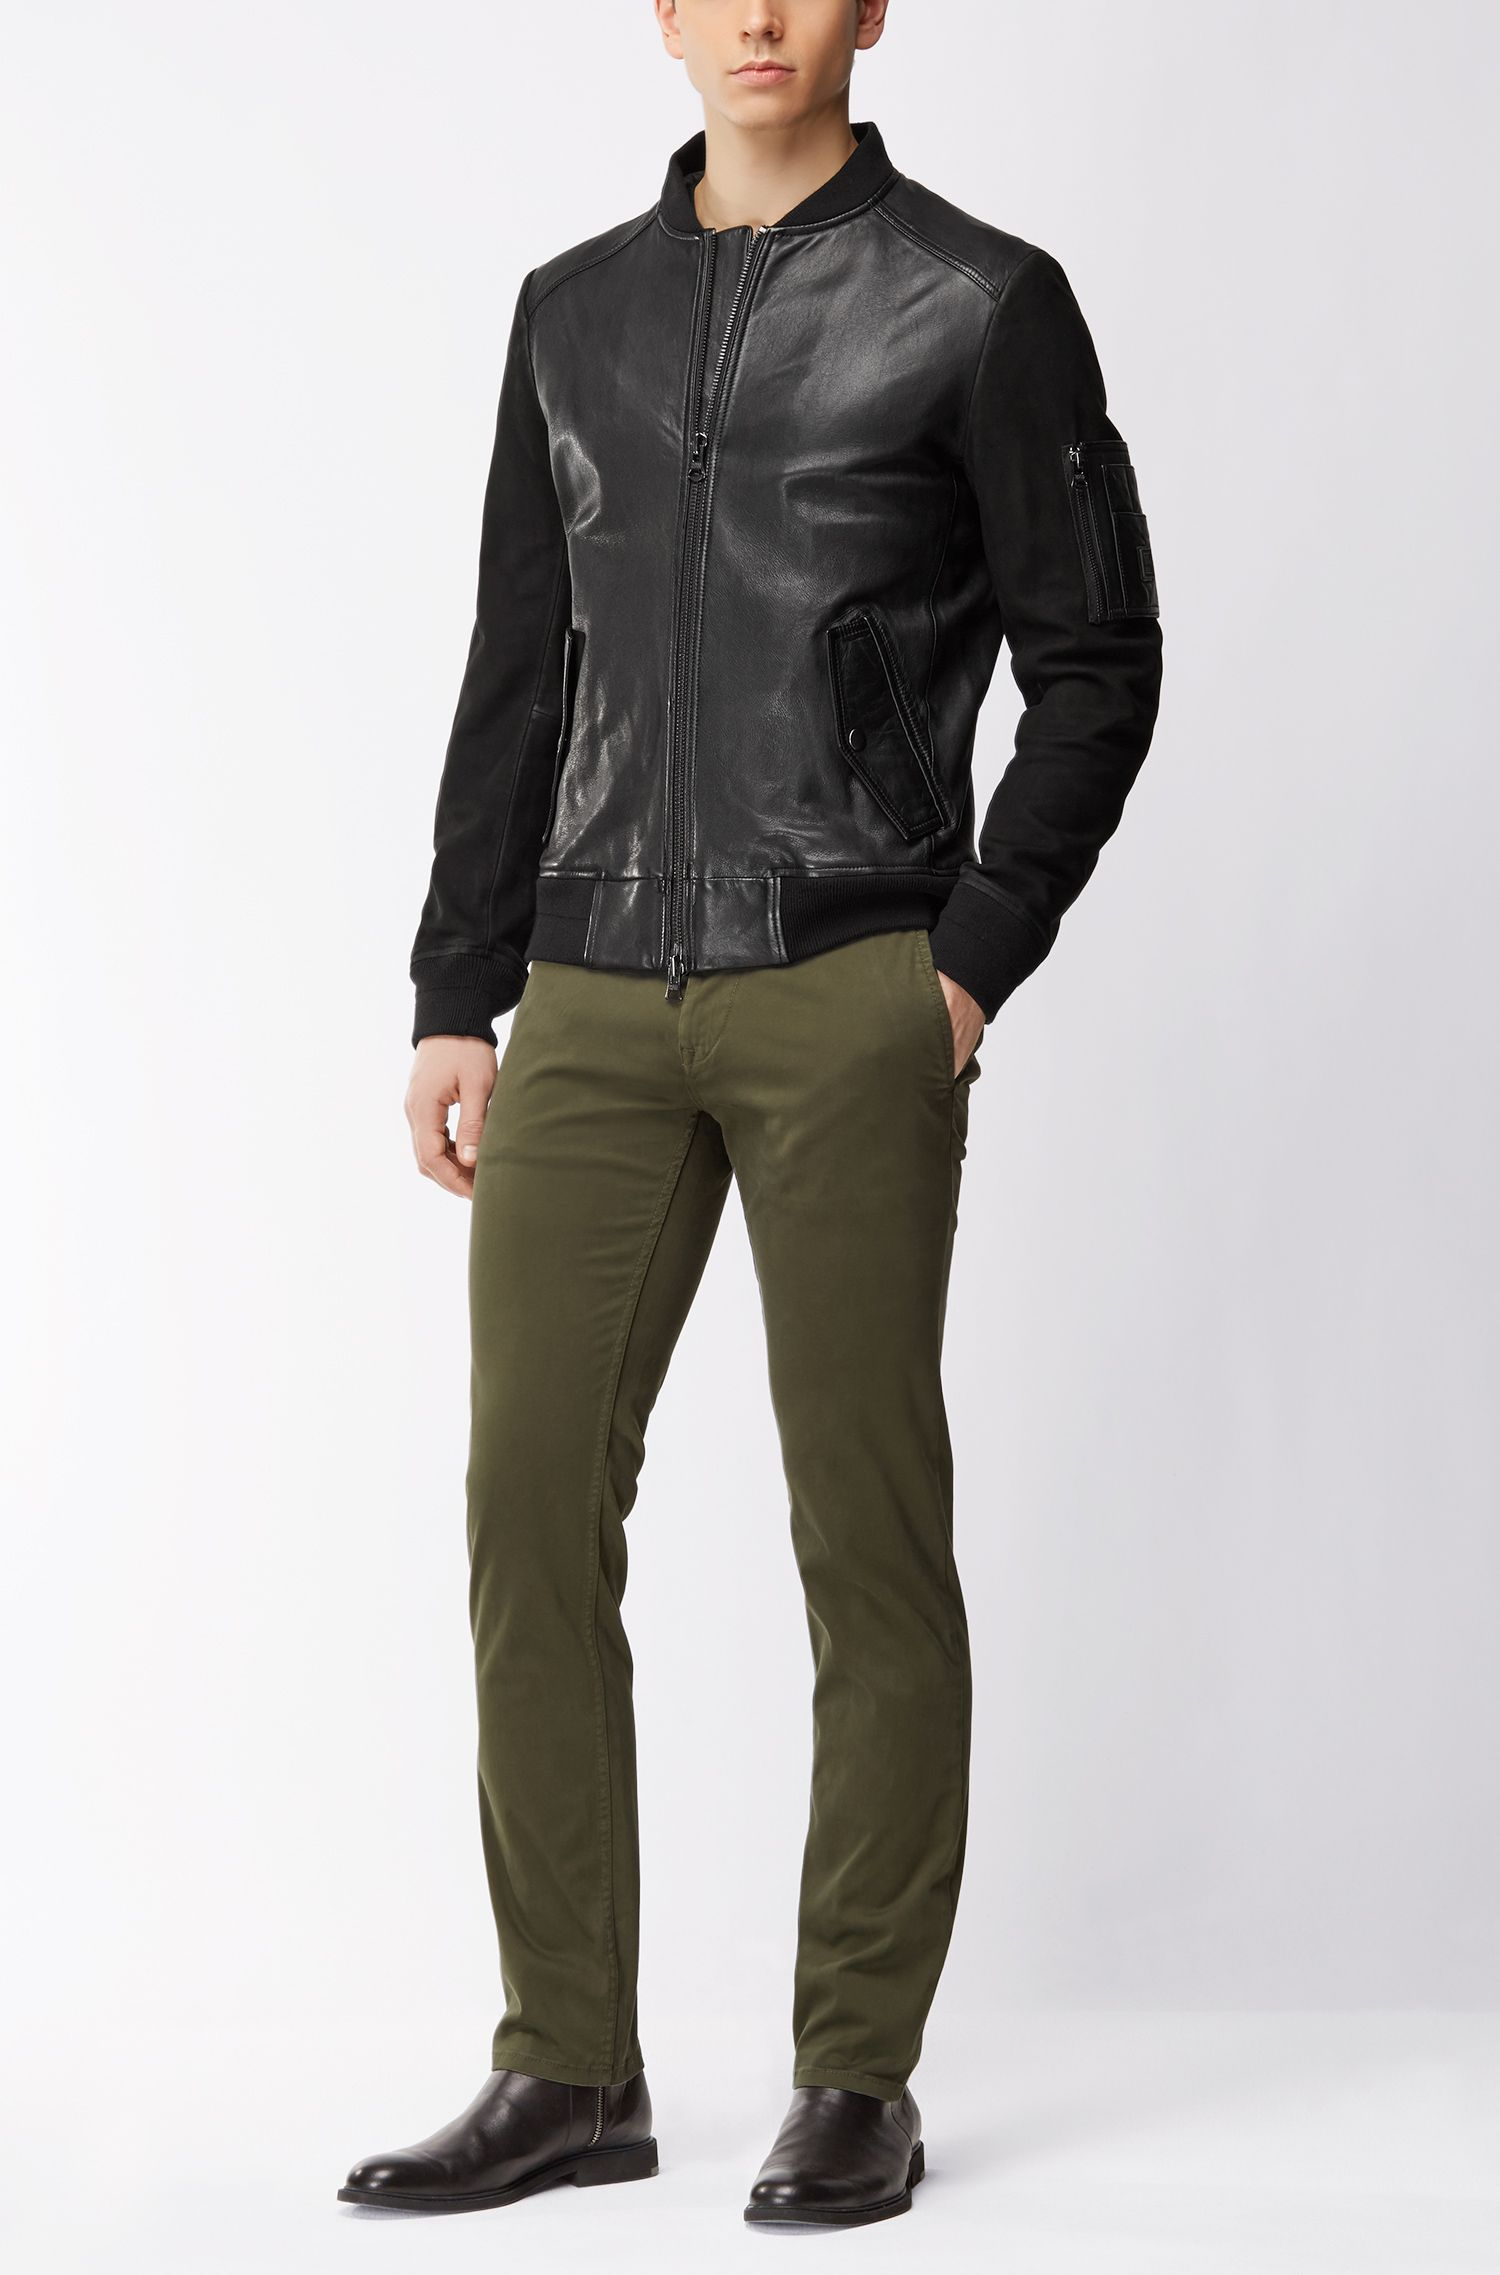 Sheepskin Leather Bomber Jacket | Jixx